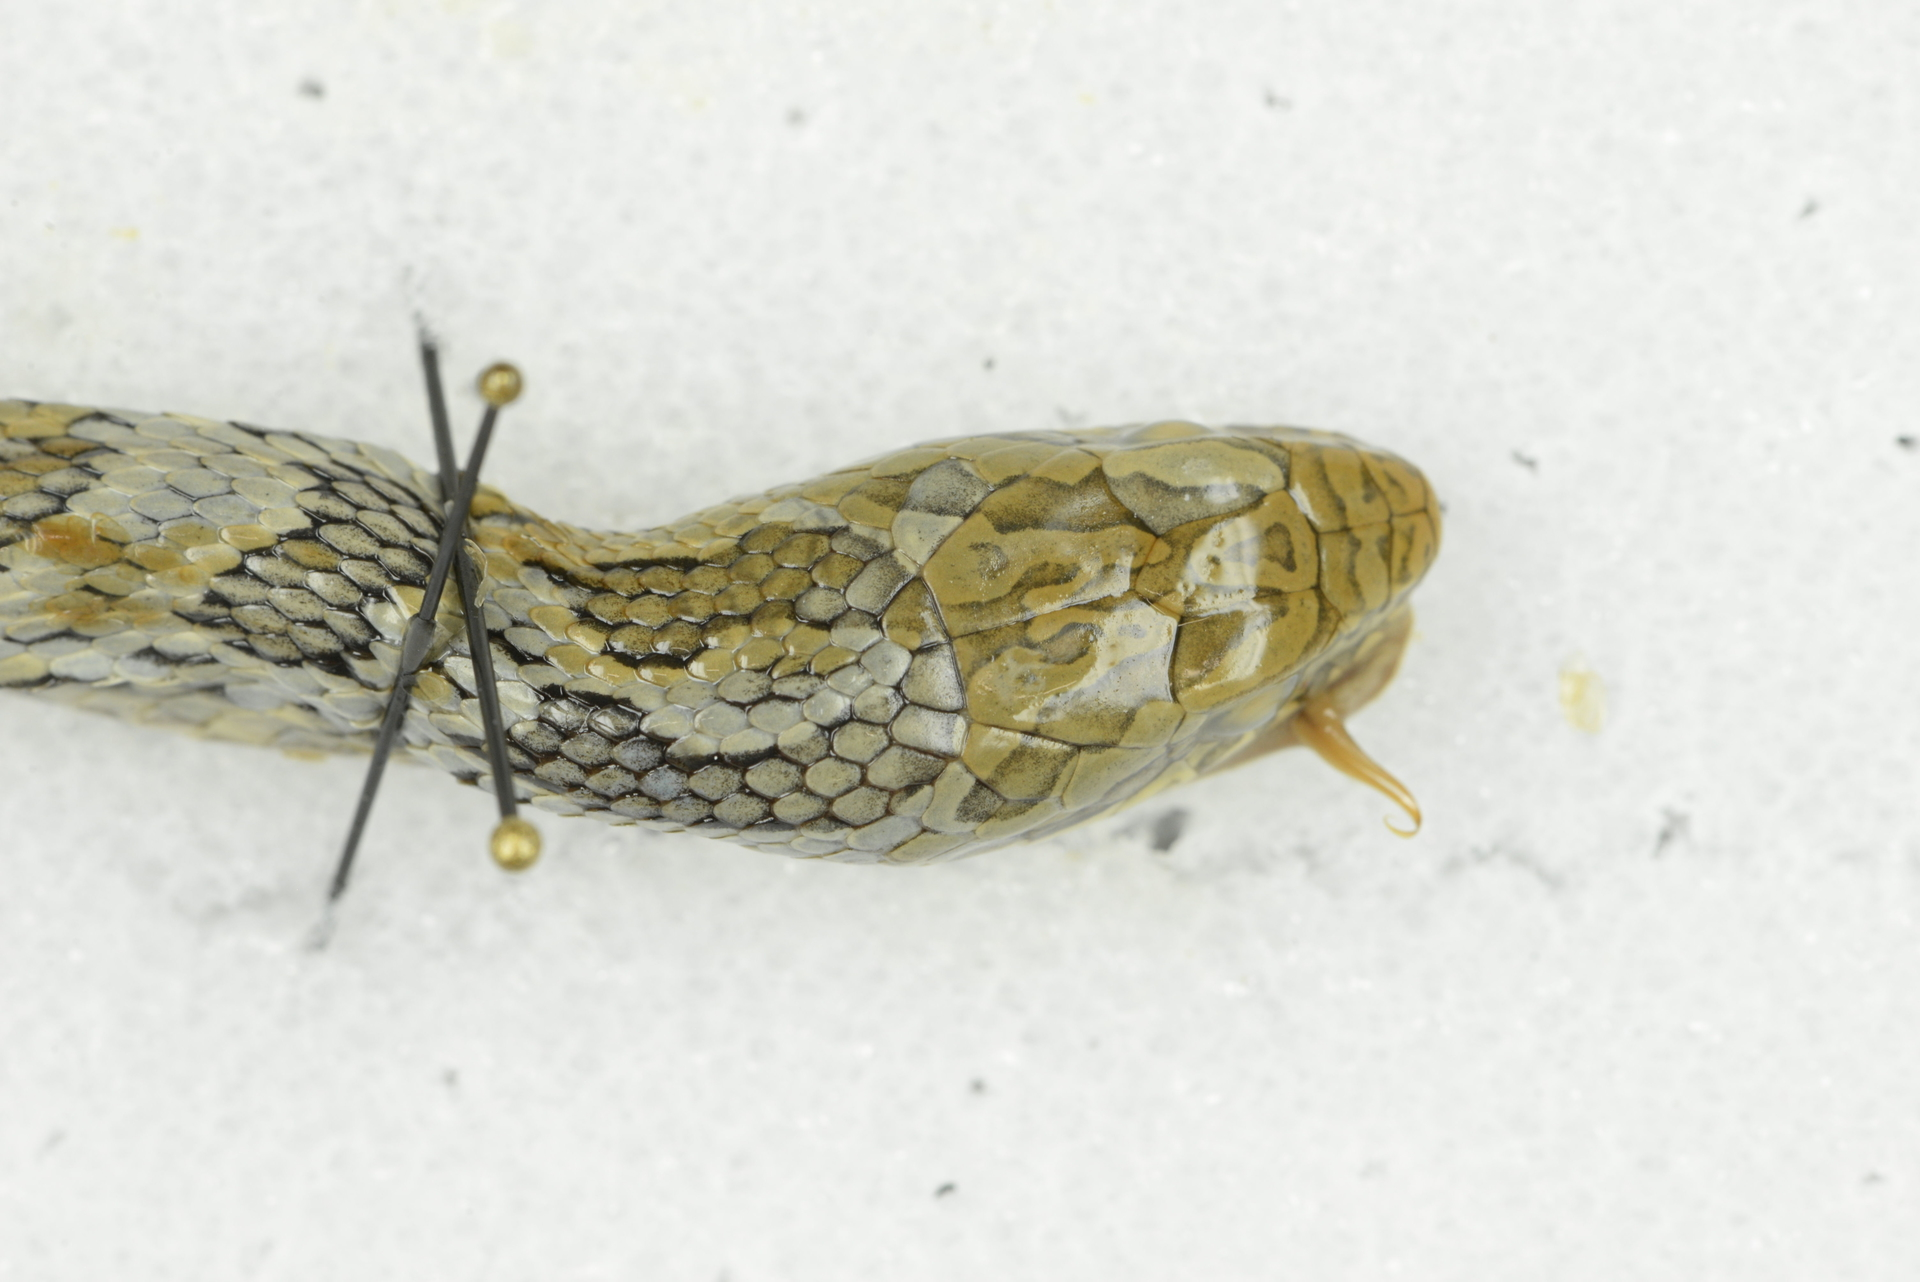 RMNH.RENA.394 | Elaphe quadrivirgata (Boie, 1826)